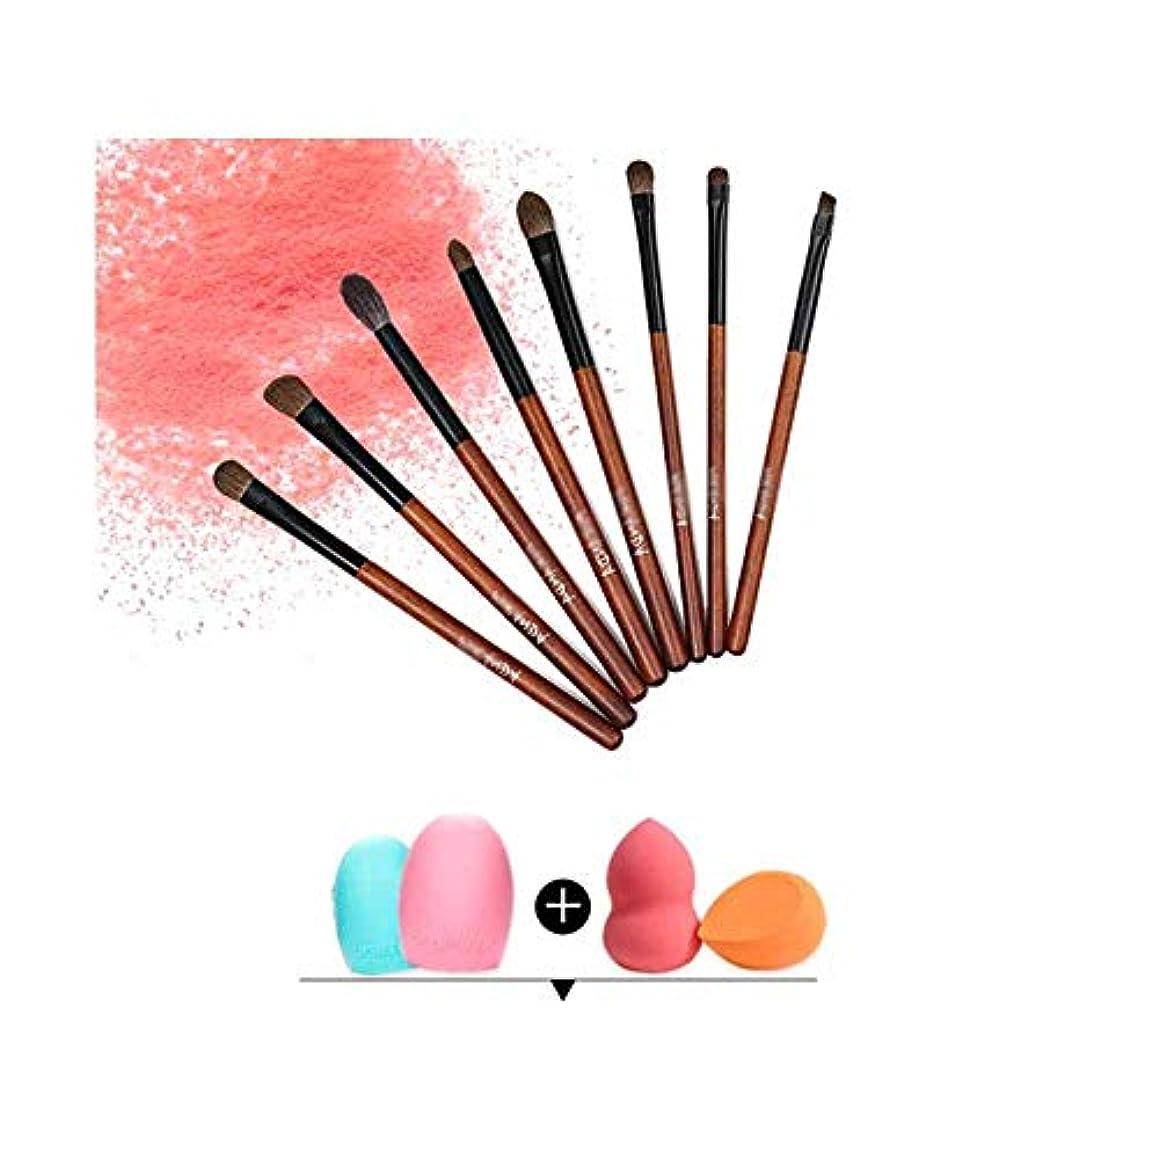 恨みポーチ羊Qiyuezhuangshi001 化粧ブラシ、化粧ブラシセット8スティック、動物ブラシセット、快適で柔らかく、絶妙で美しい,人間工学に基づいたデザイン (Color : Brown)